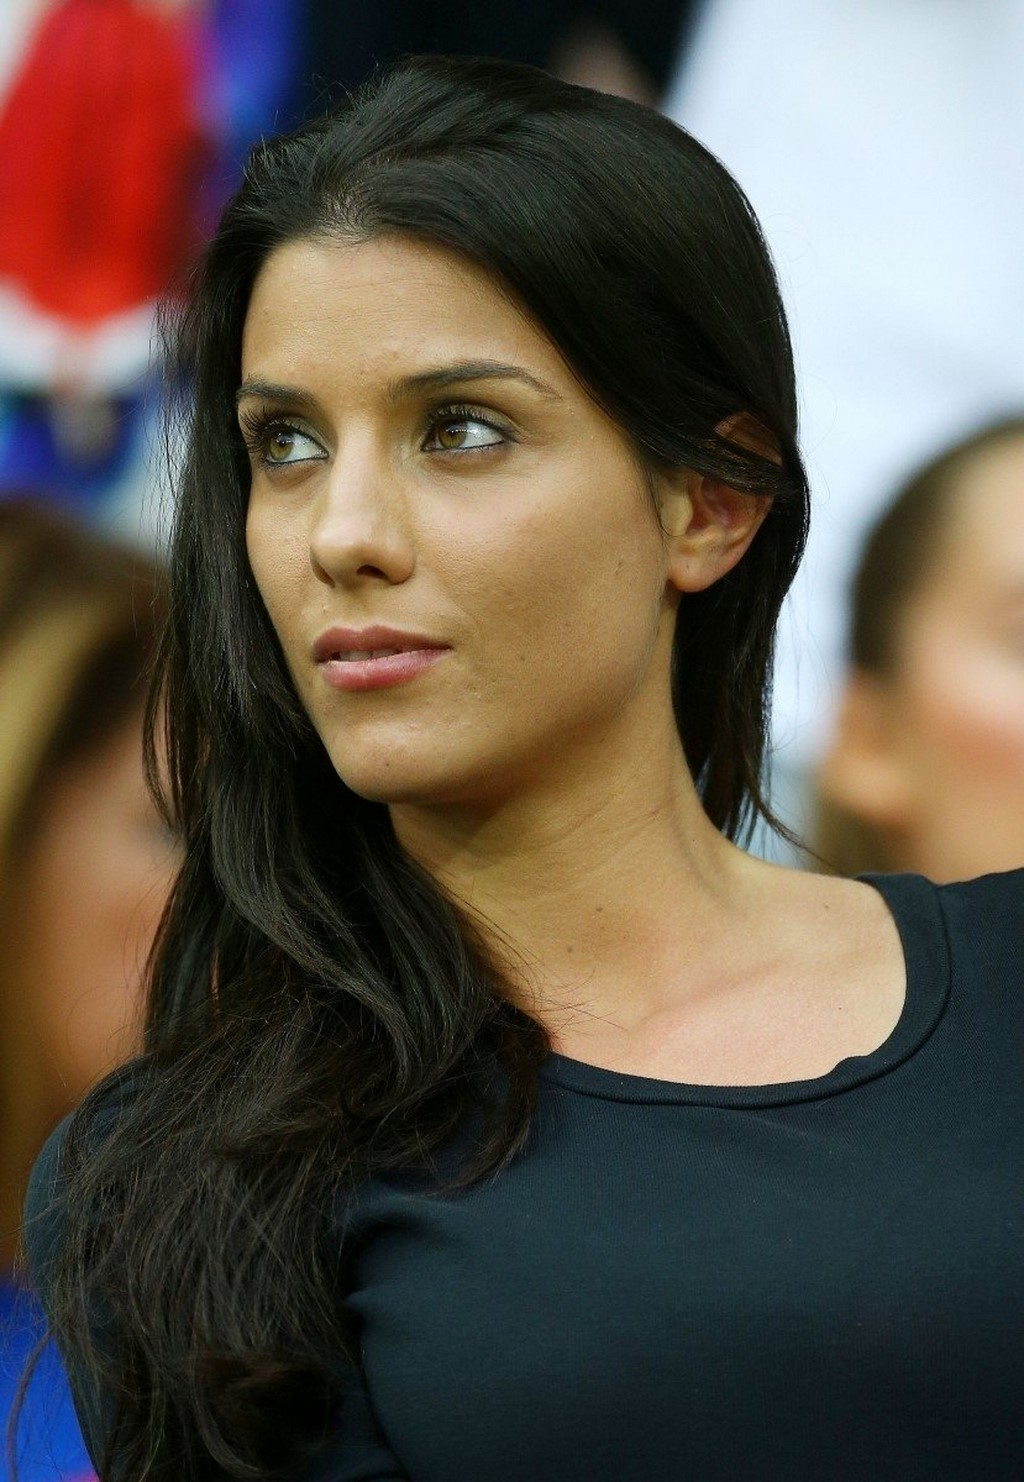 la esposa de sagna triunfa en la eurocopa 2016 5 13